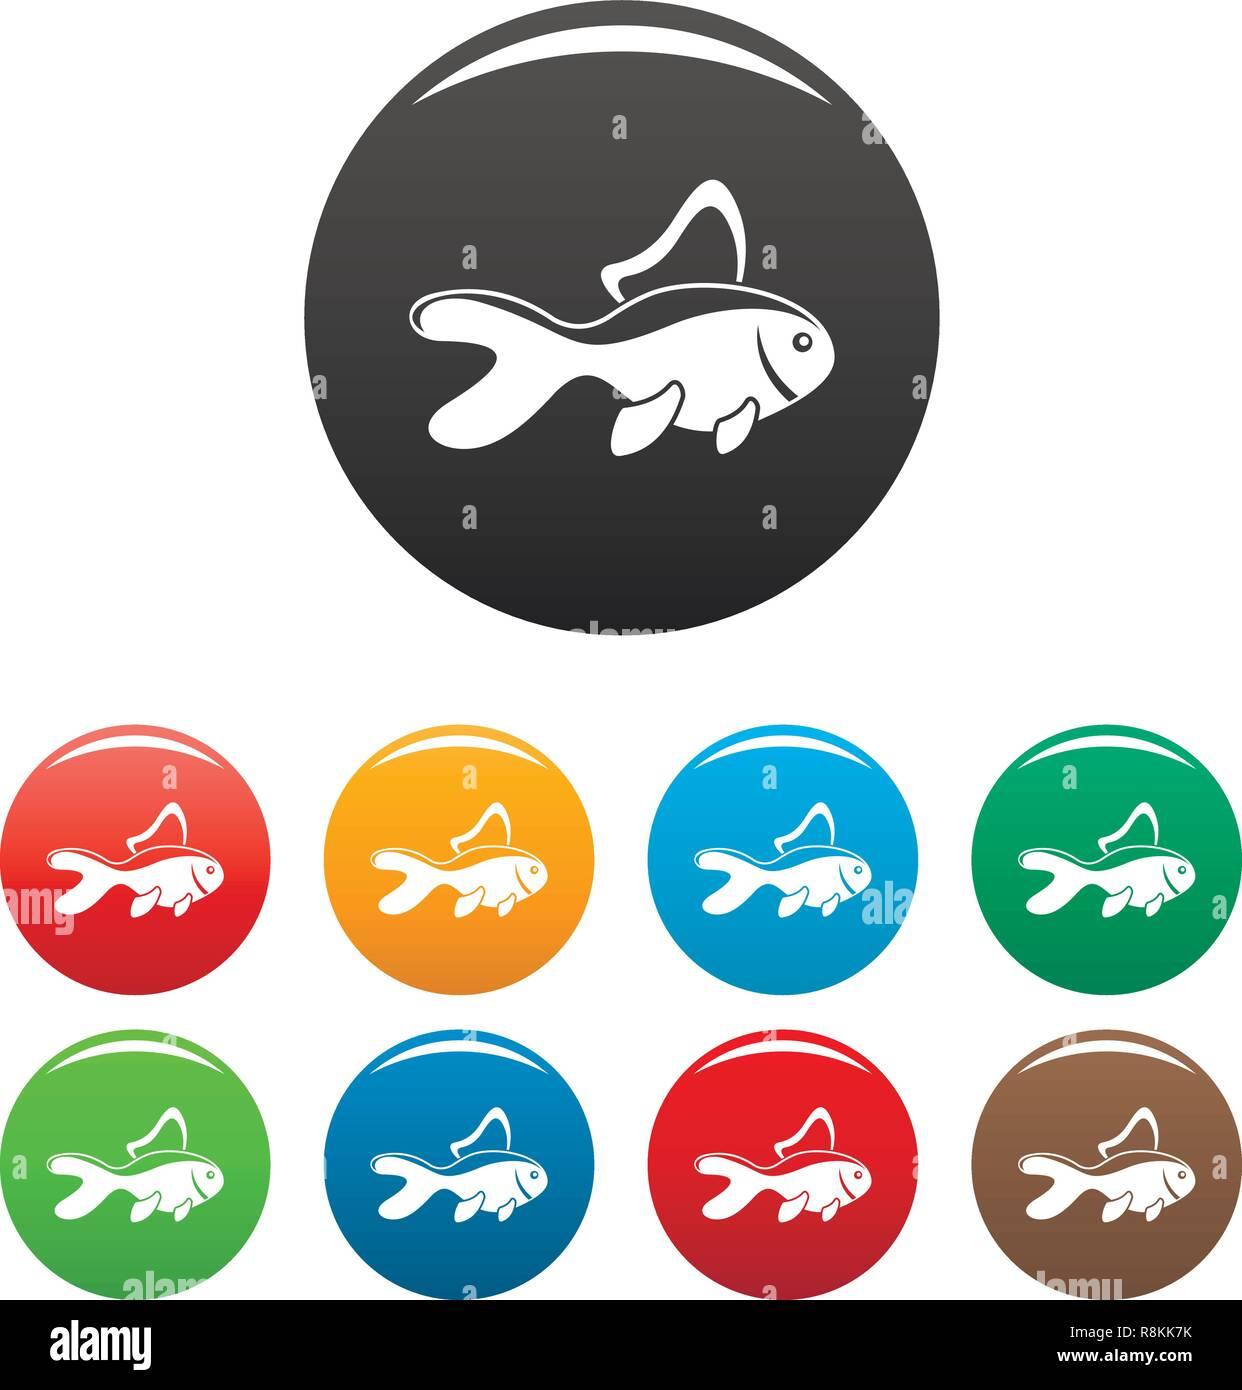 Aquarium Fisch Icons Set 9 Farbe Vektor Isoliert Auf Weiss Fur Jedes